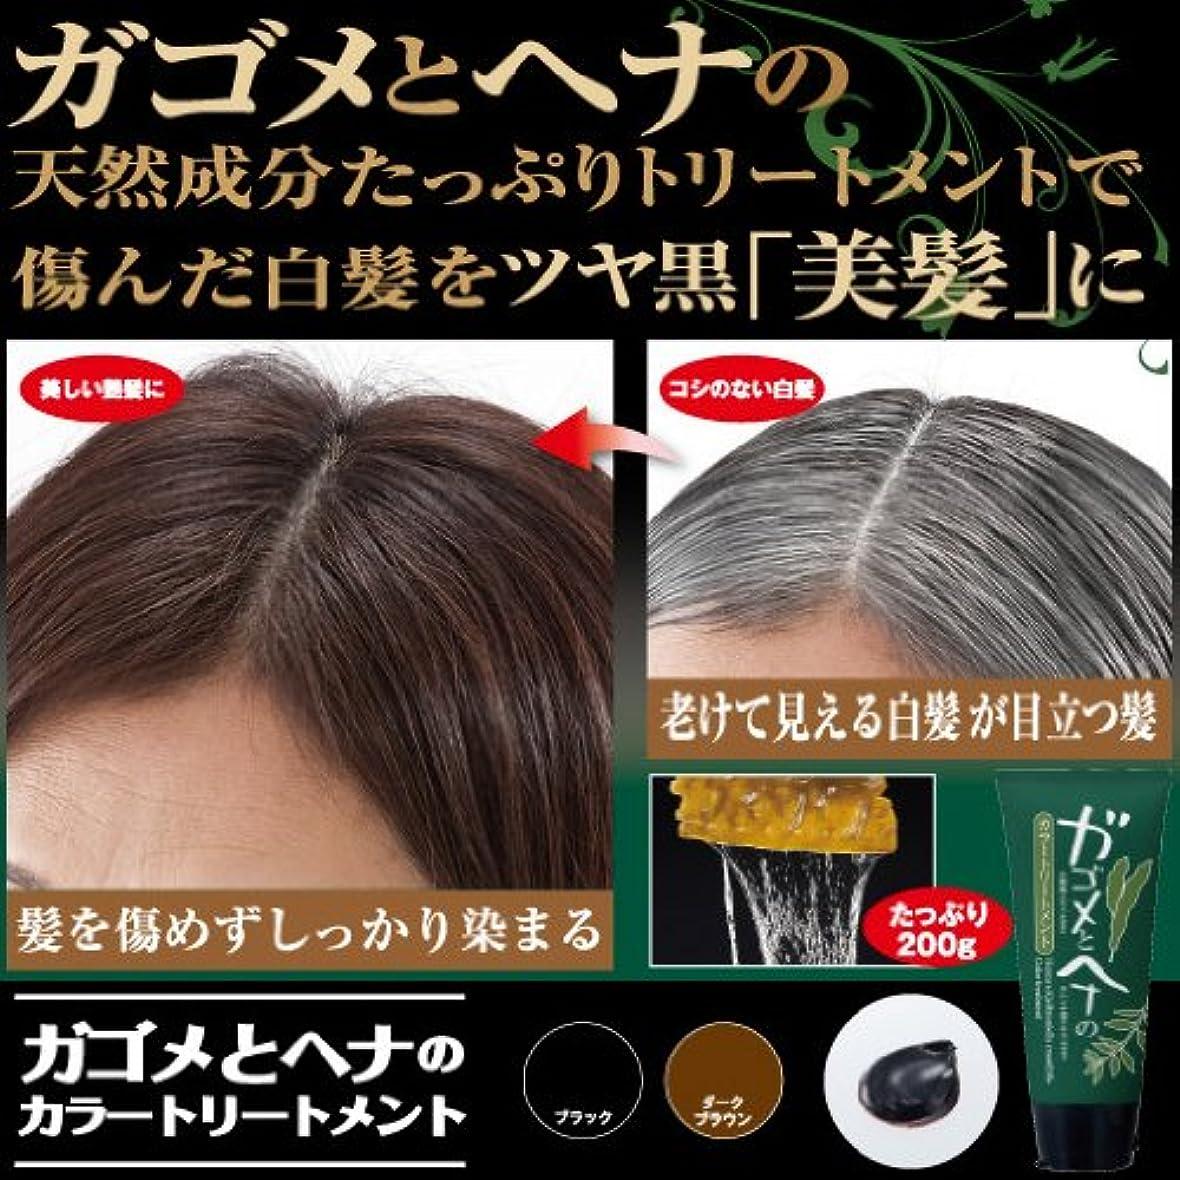 菊素敵なストリーム髪を傷めず白髪1本1本しっかり色づけ『ガゴメとヘナの カラートリートメント』(ブラック)